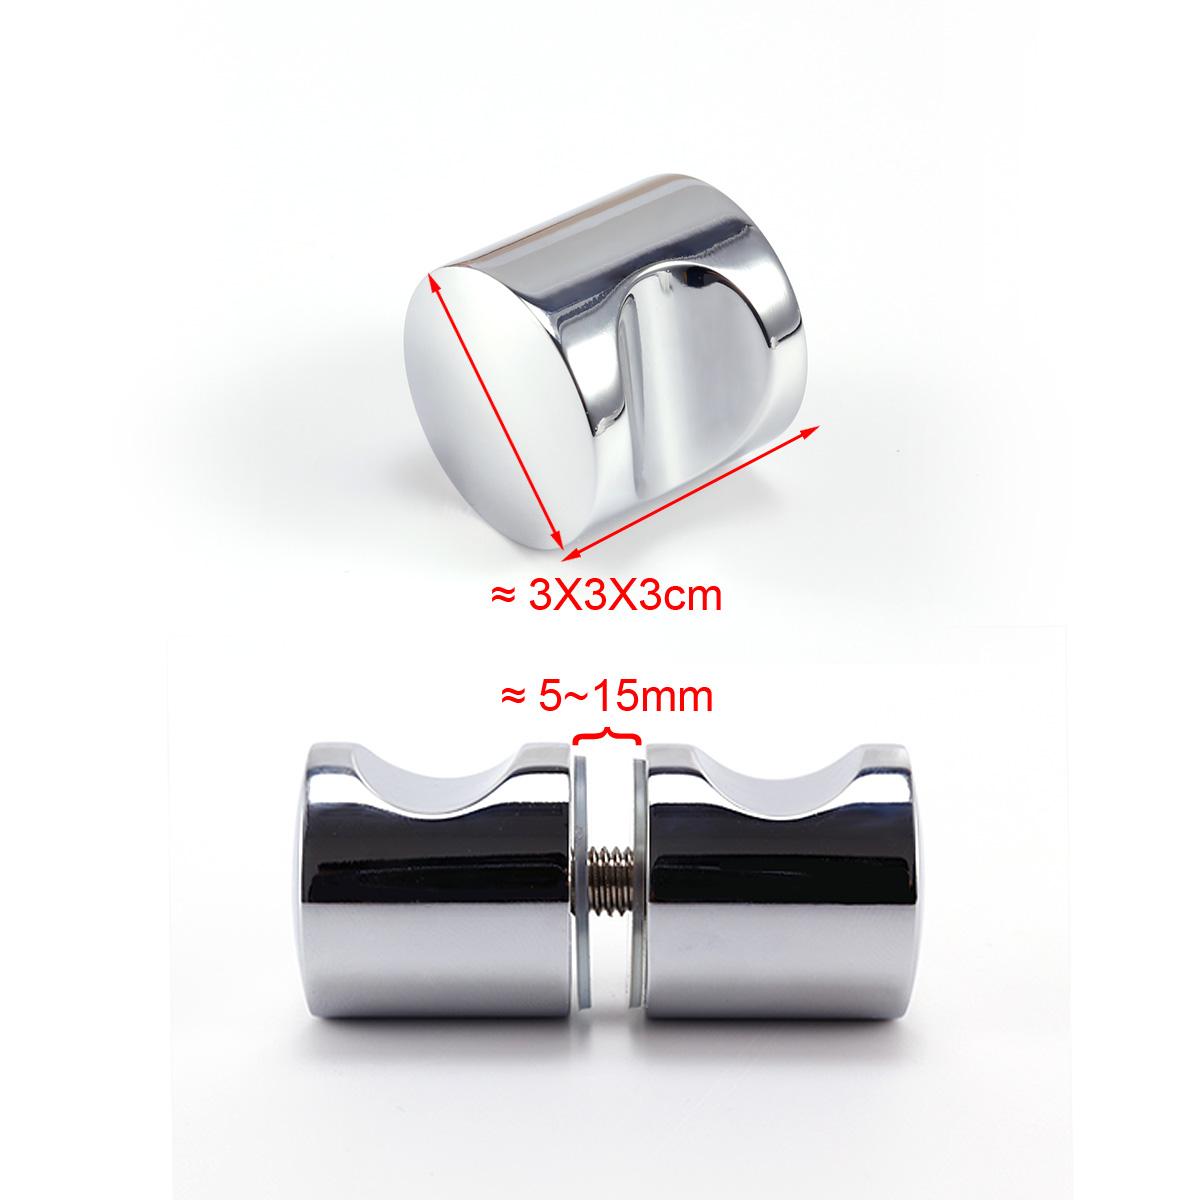 2x poign e bouton 2 c t s pour porte verre salle de bain douche 3cm m tal 748. Black Bedroom Furniture Sets. Home Design Ideas